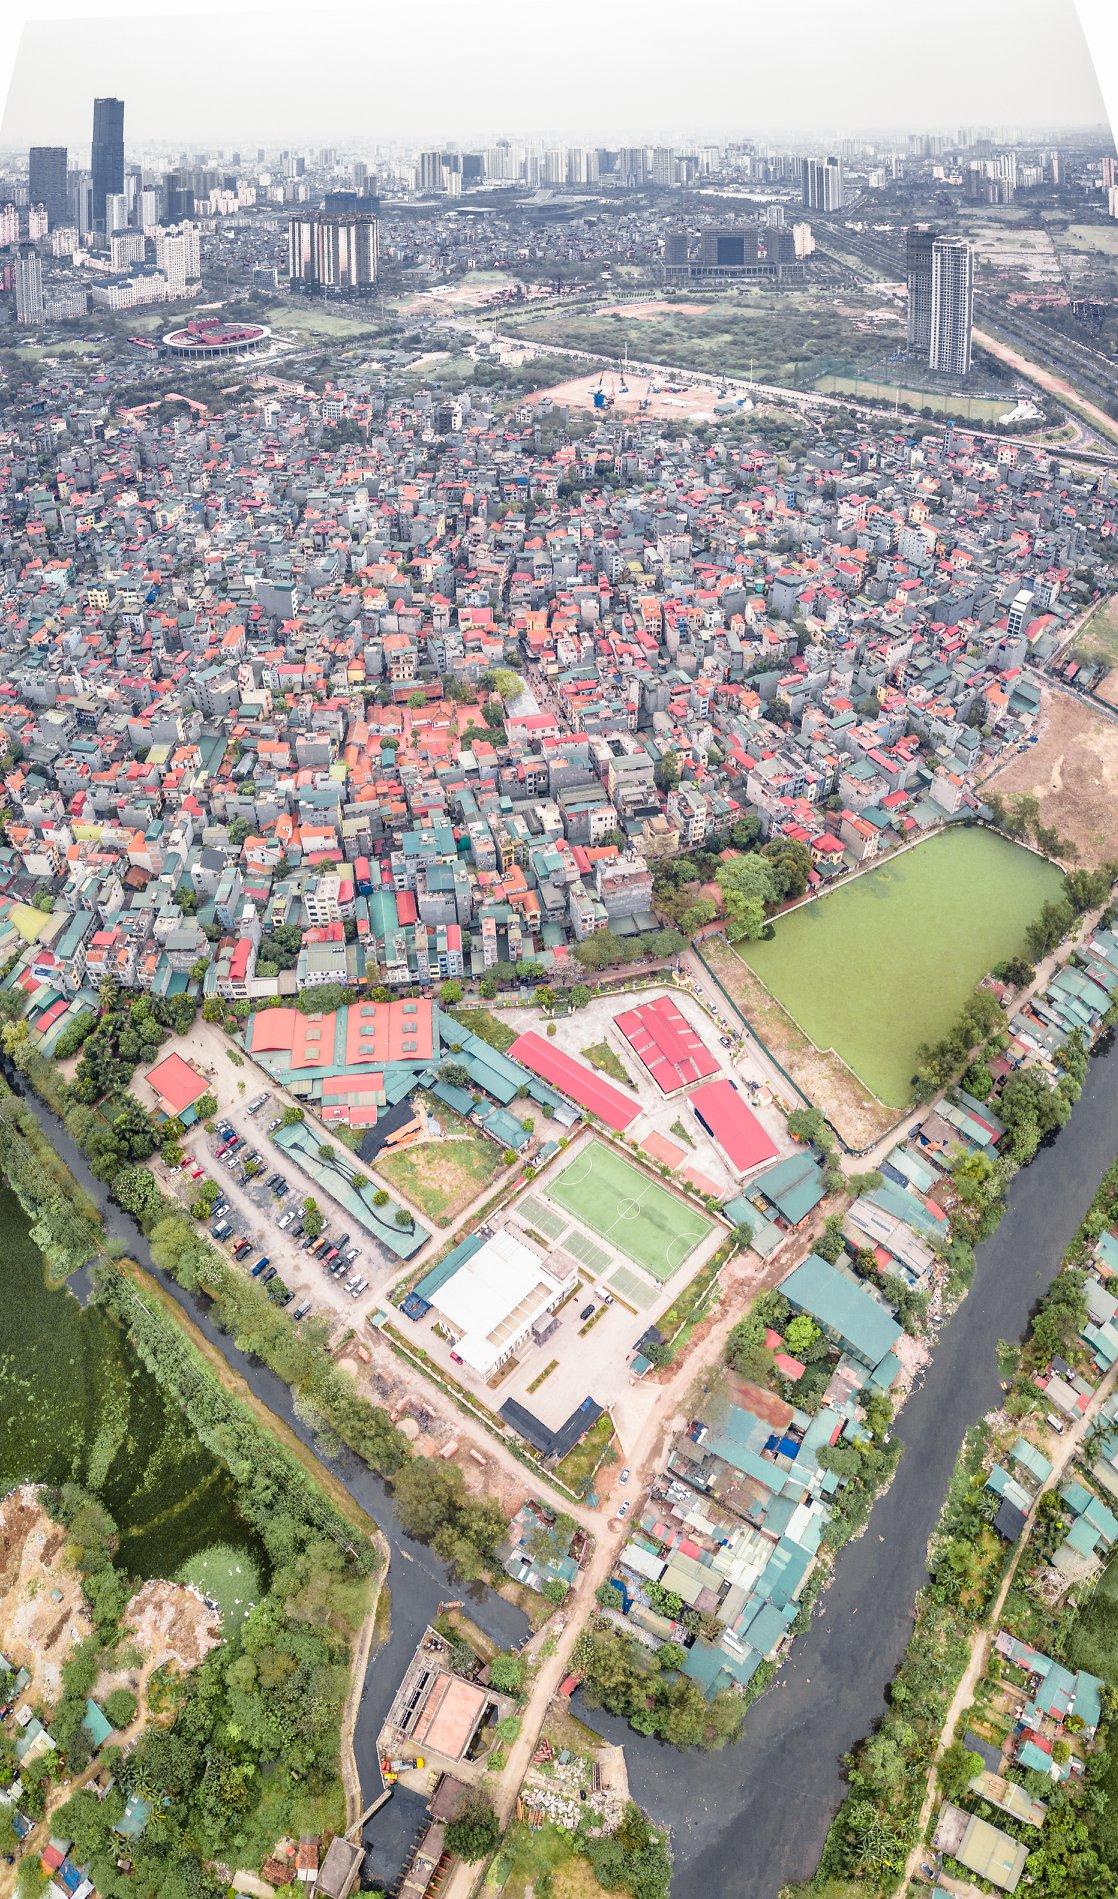 Quận Nam Từ Liêm – Hiện trạng và cơ hội phát triển đô thị